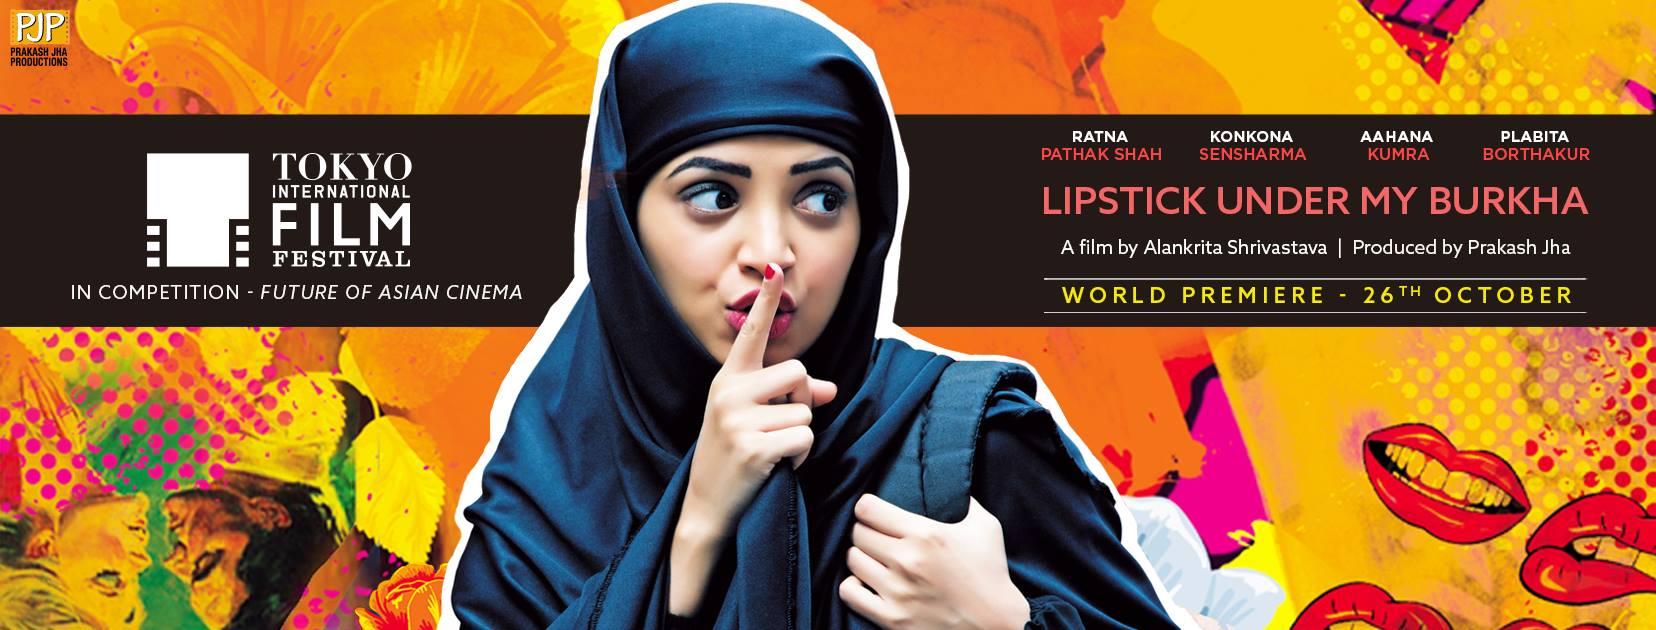 My Lipstick Waale Thoughts on Lipstick Under My Burkha